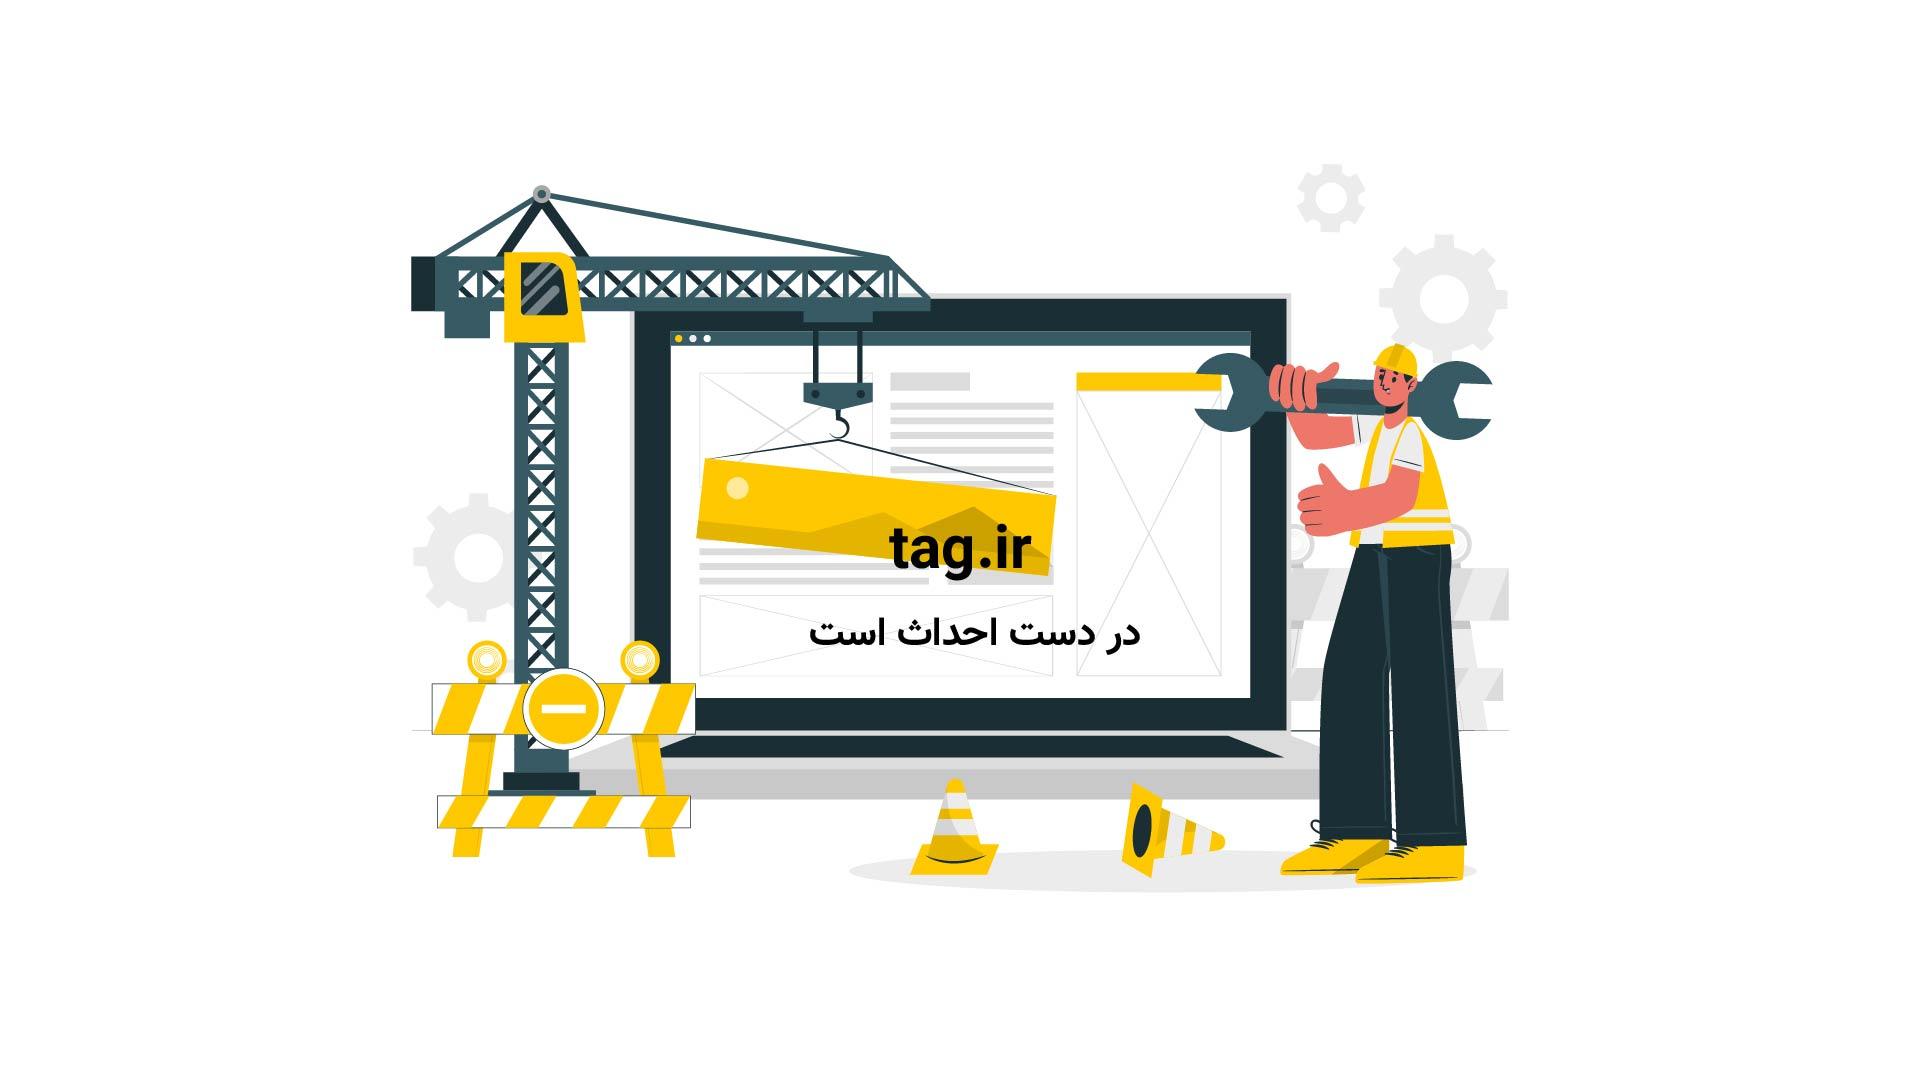 عناوین روزنامههای شنبه 18 دی | فیلم